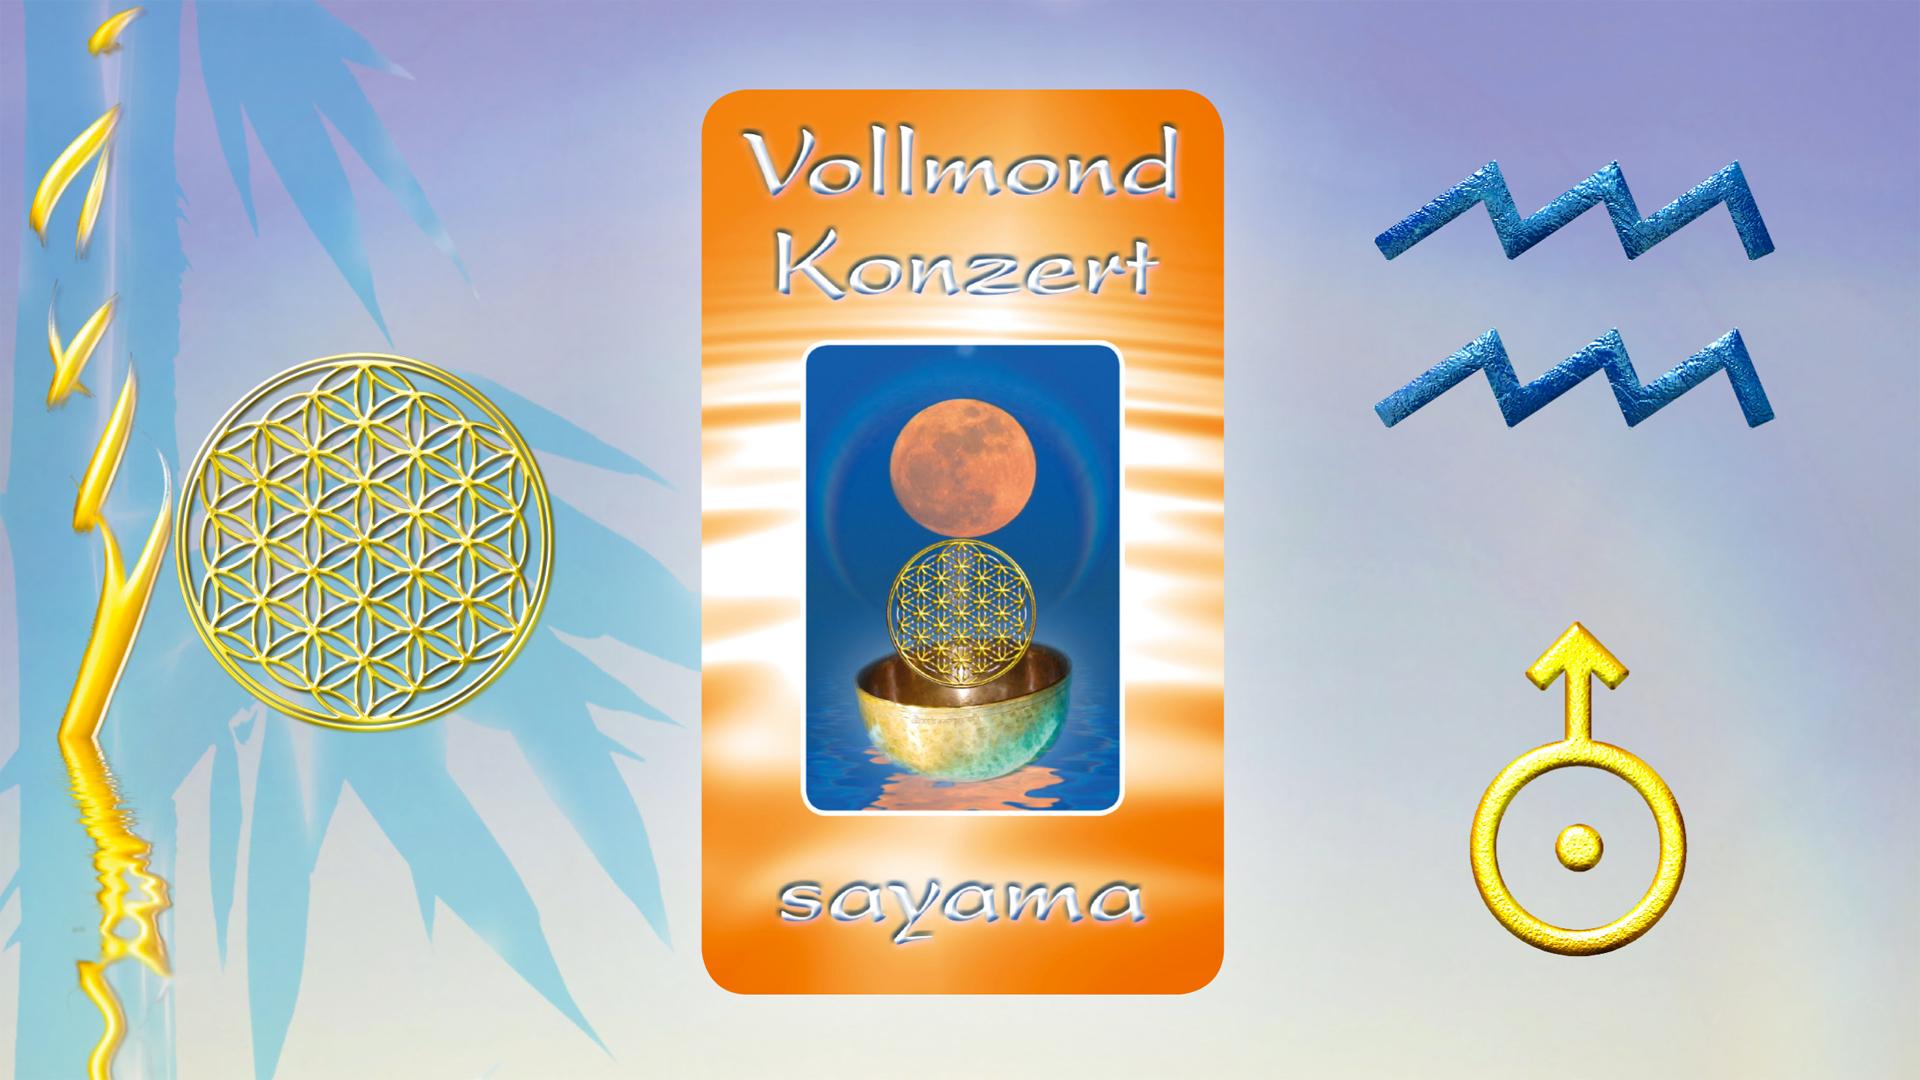 VollMond~Konzert im Sternzeichen Wassermann ~ Planet Uranus